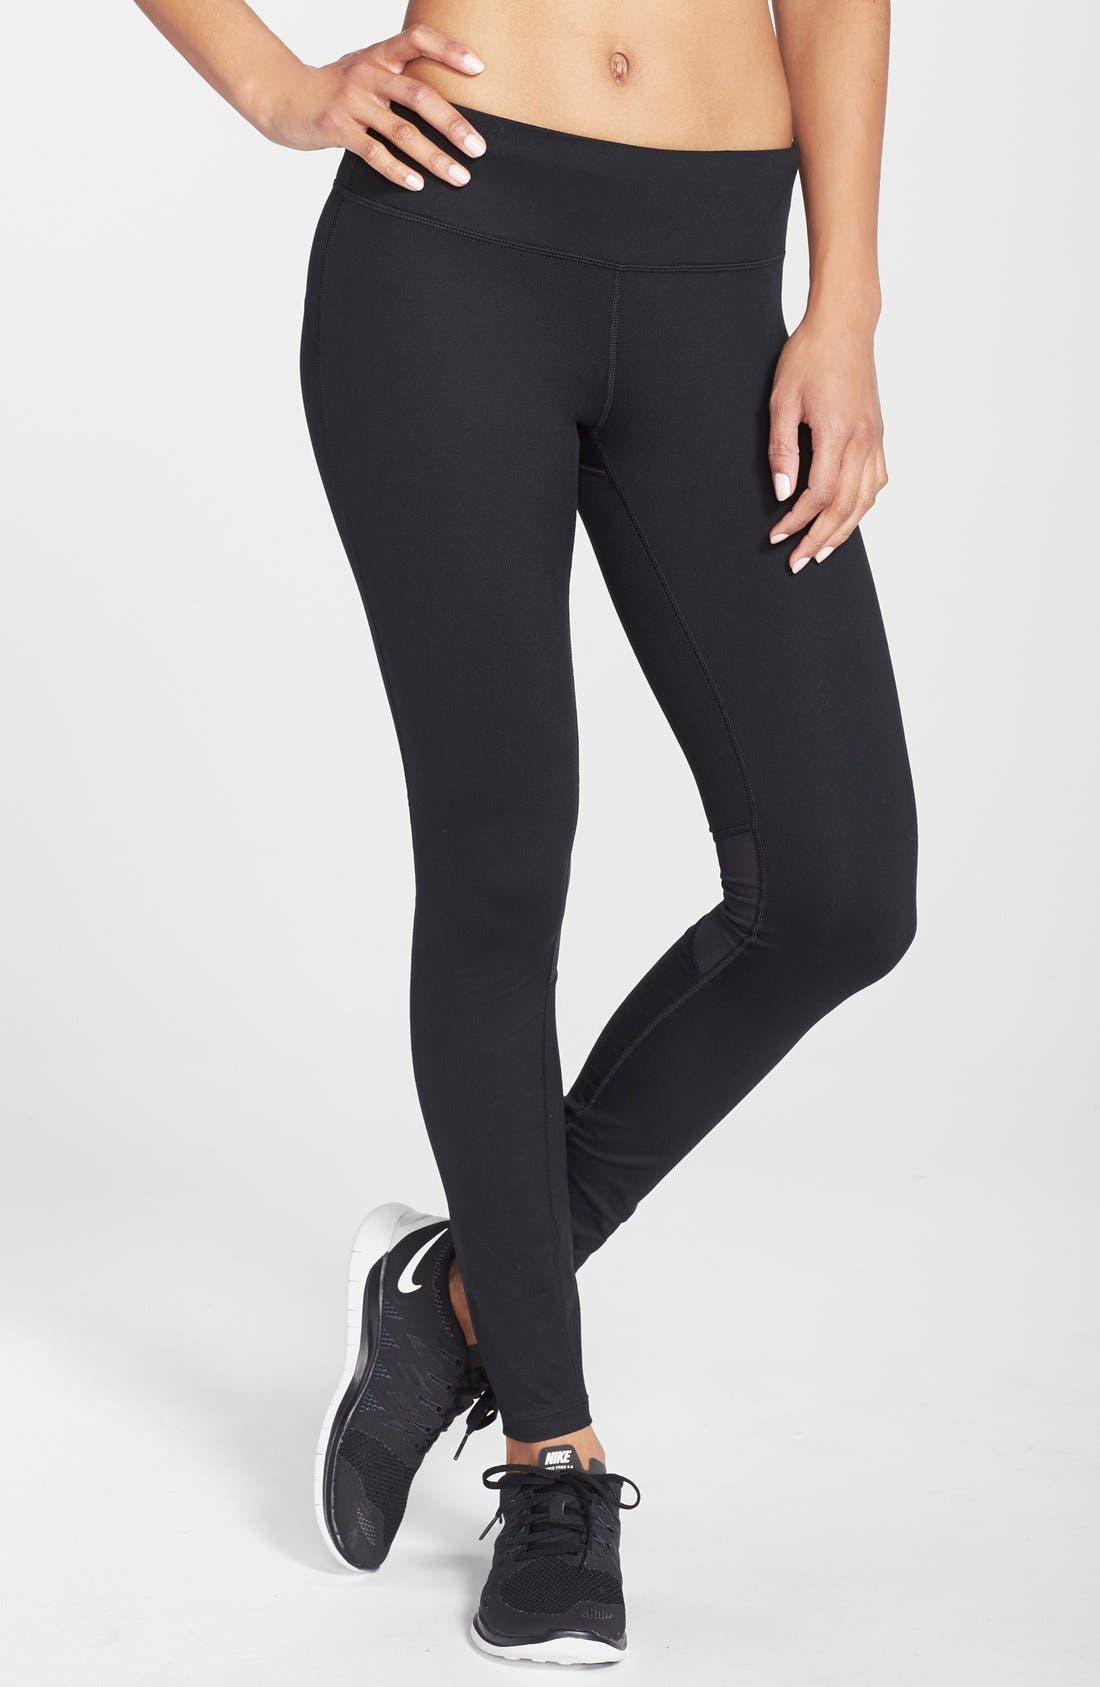 Nike 'Epic Run' Mesh Insert Dri-FIT Tights